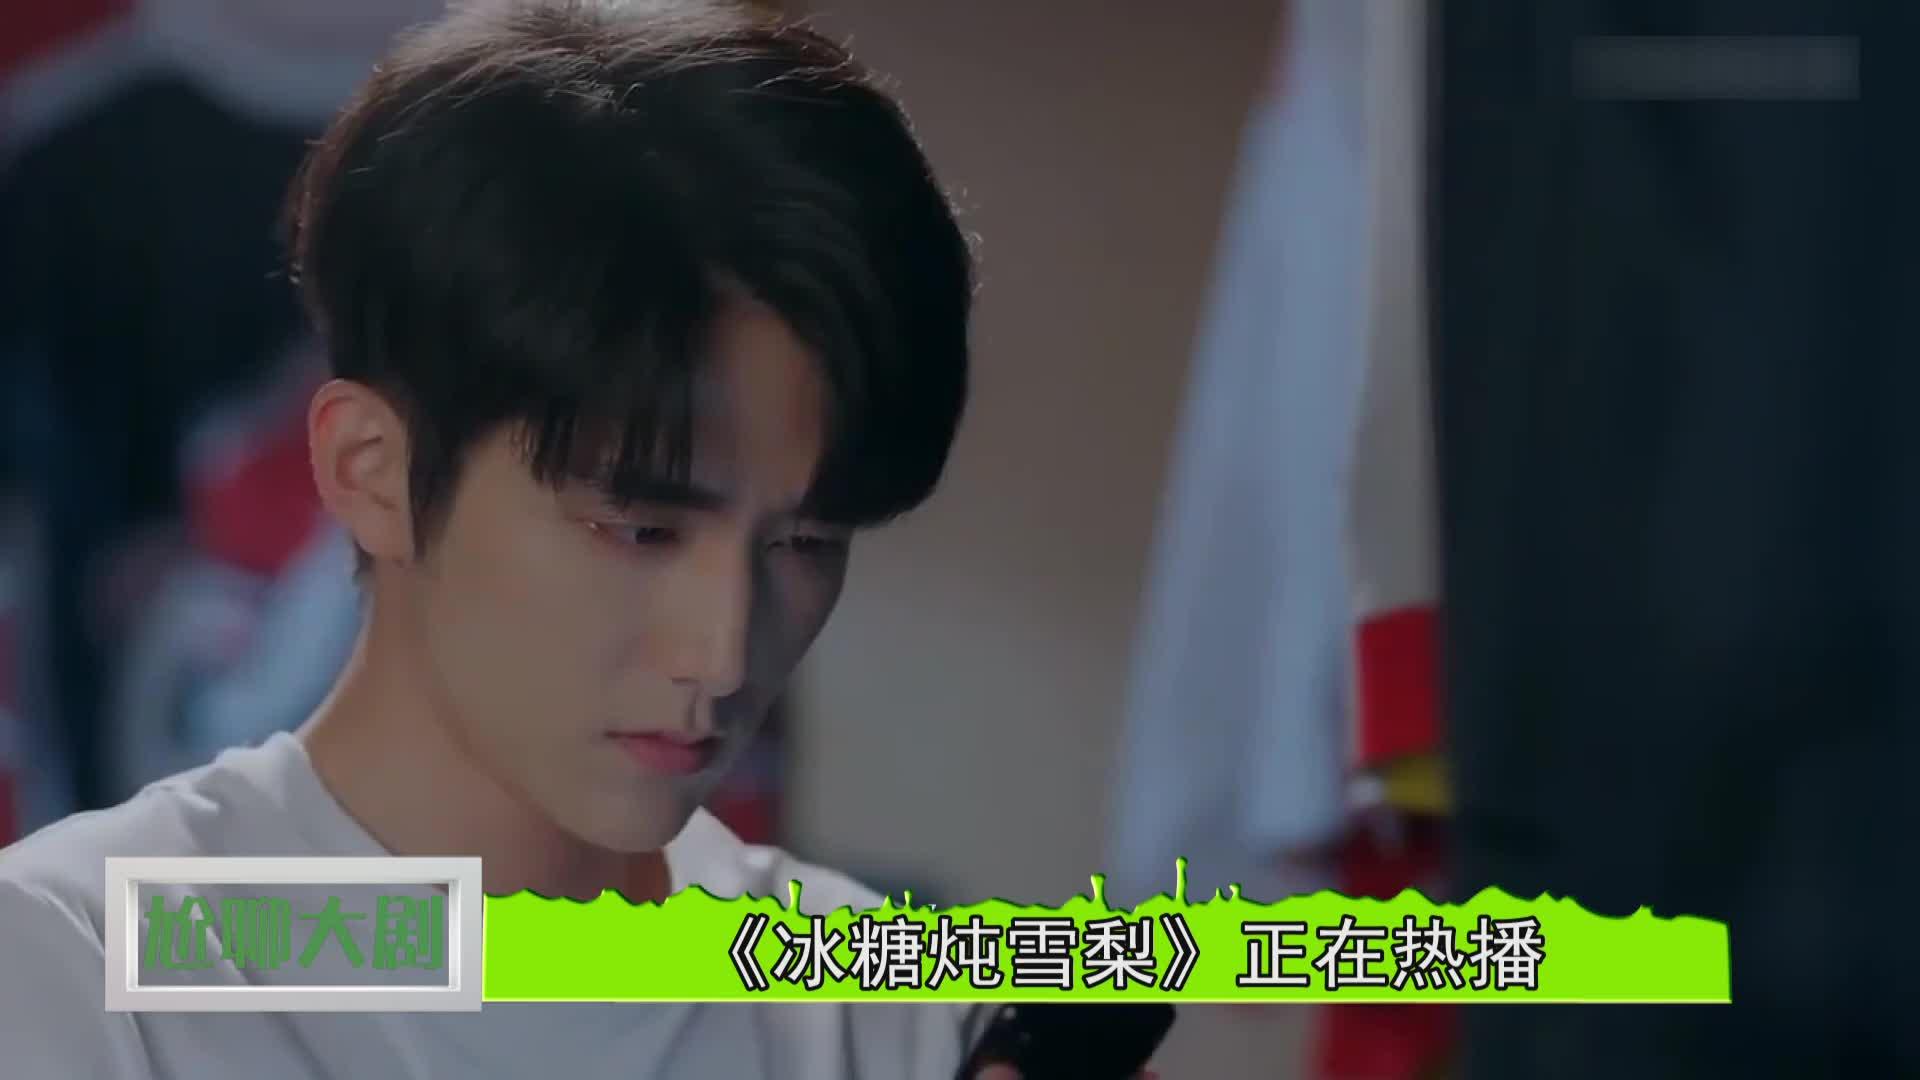 《冰糖炖雪梨》美化校园暴力主角人设遭质疑吴倩自曝逃课